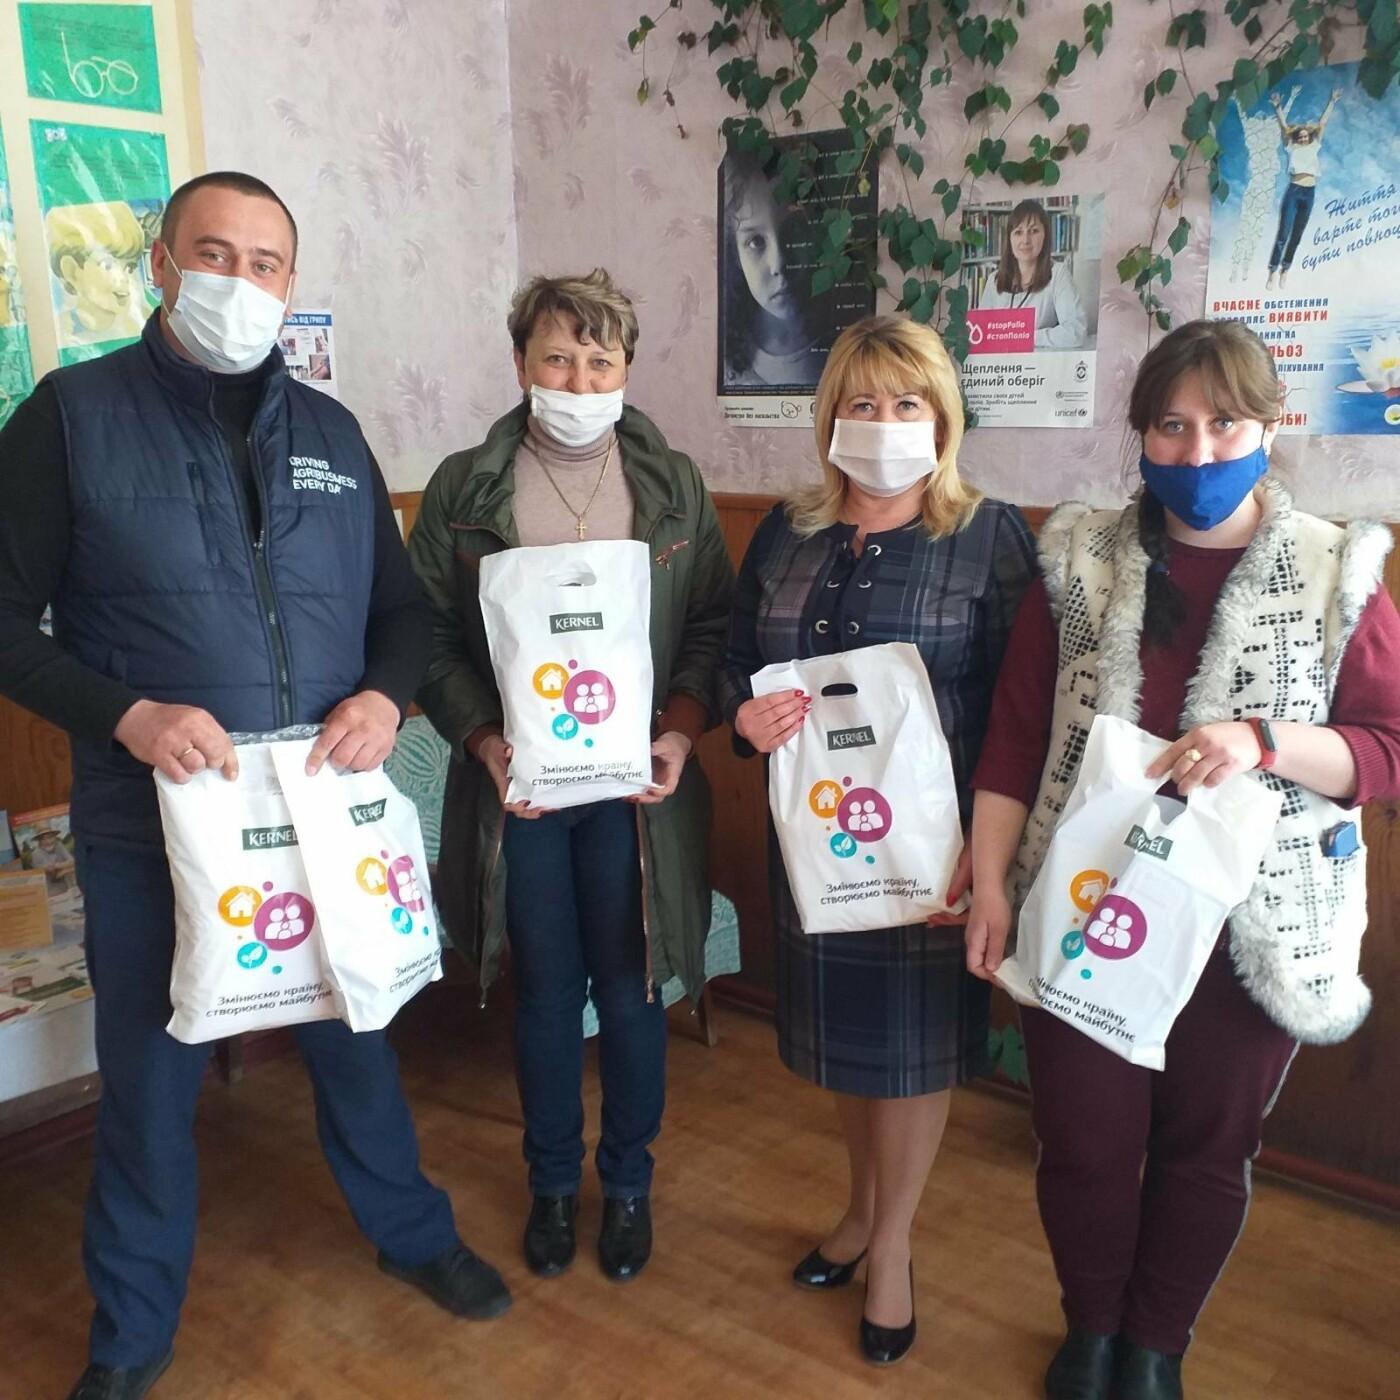 «Кернел» направил более 200 тыс. грн на борьбу с коронавирусом в Харьковской области, фото-1